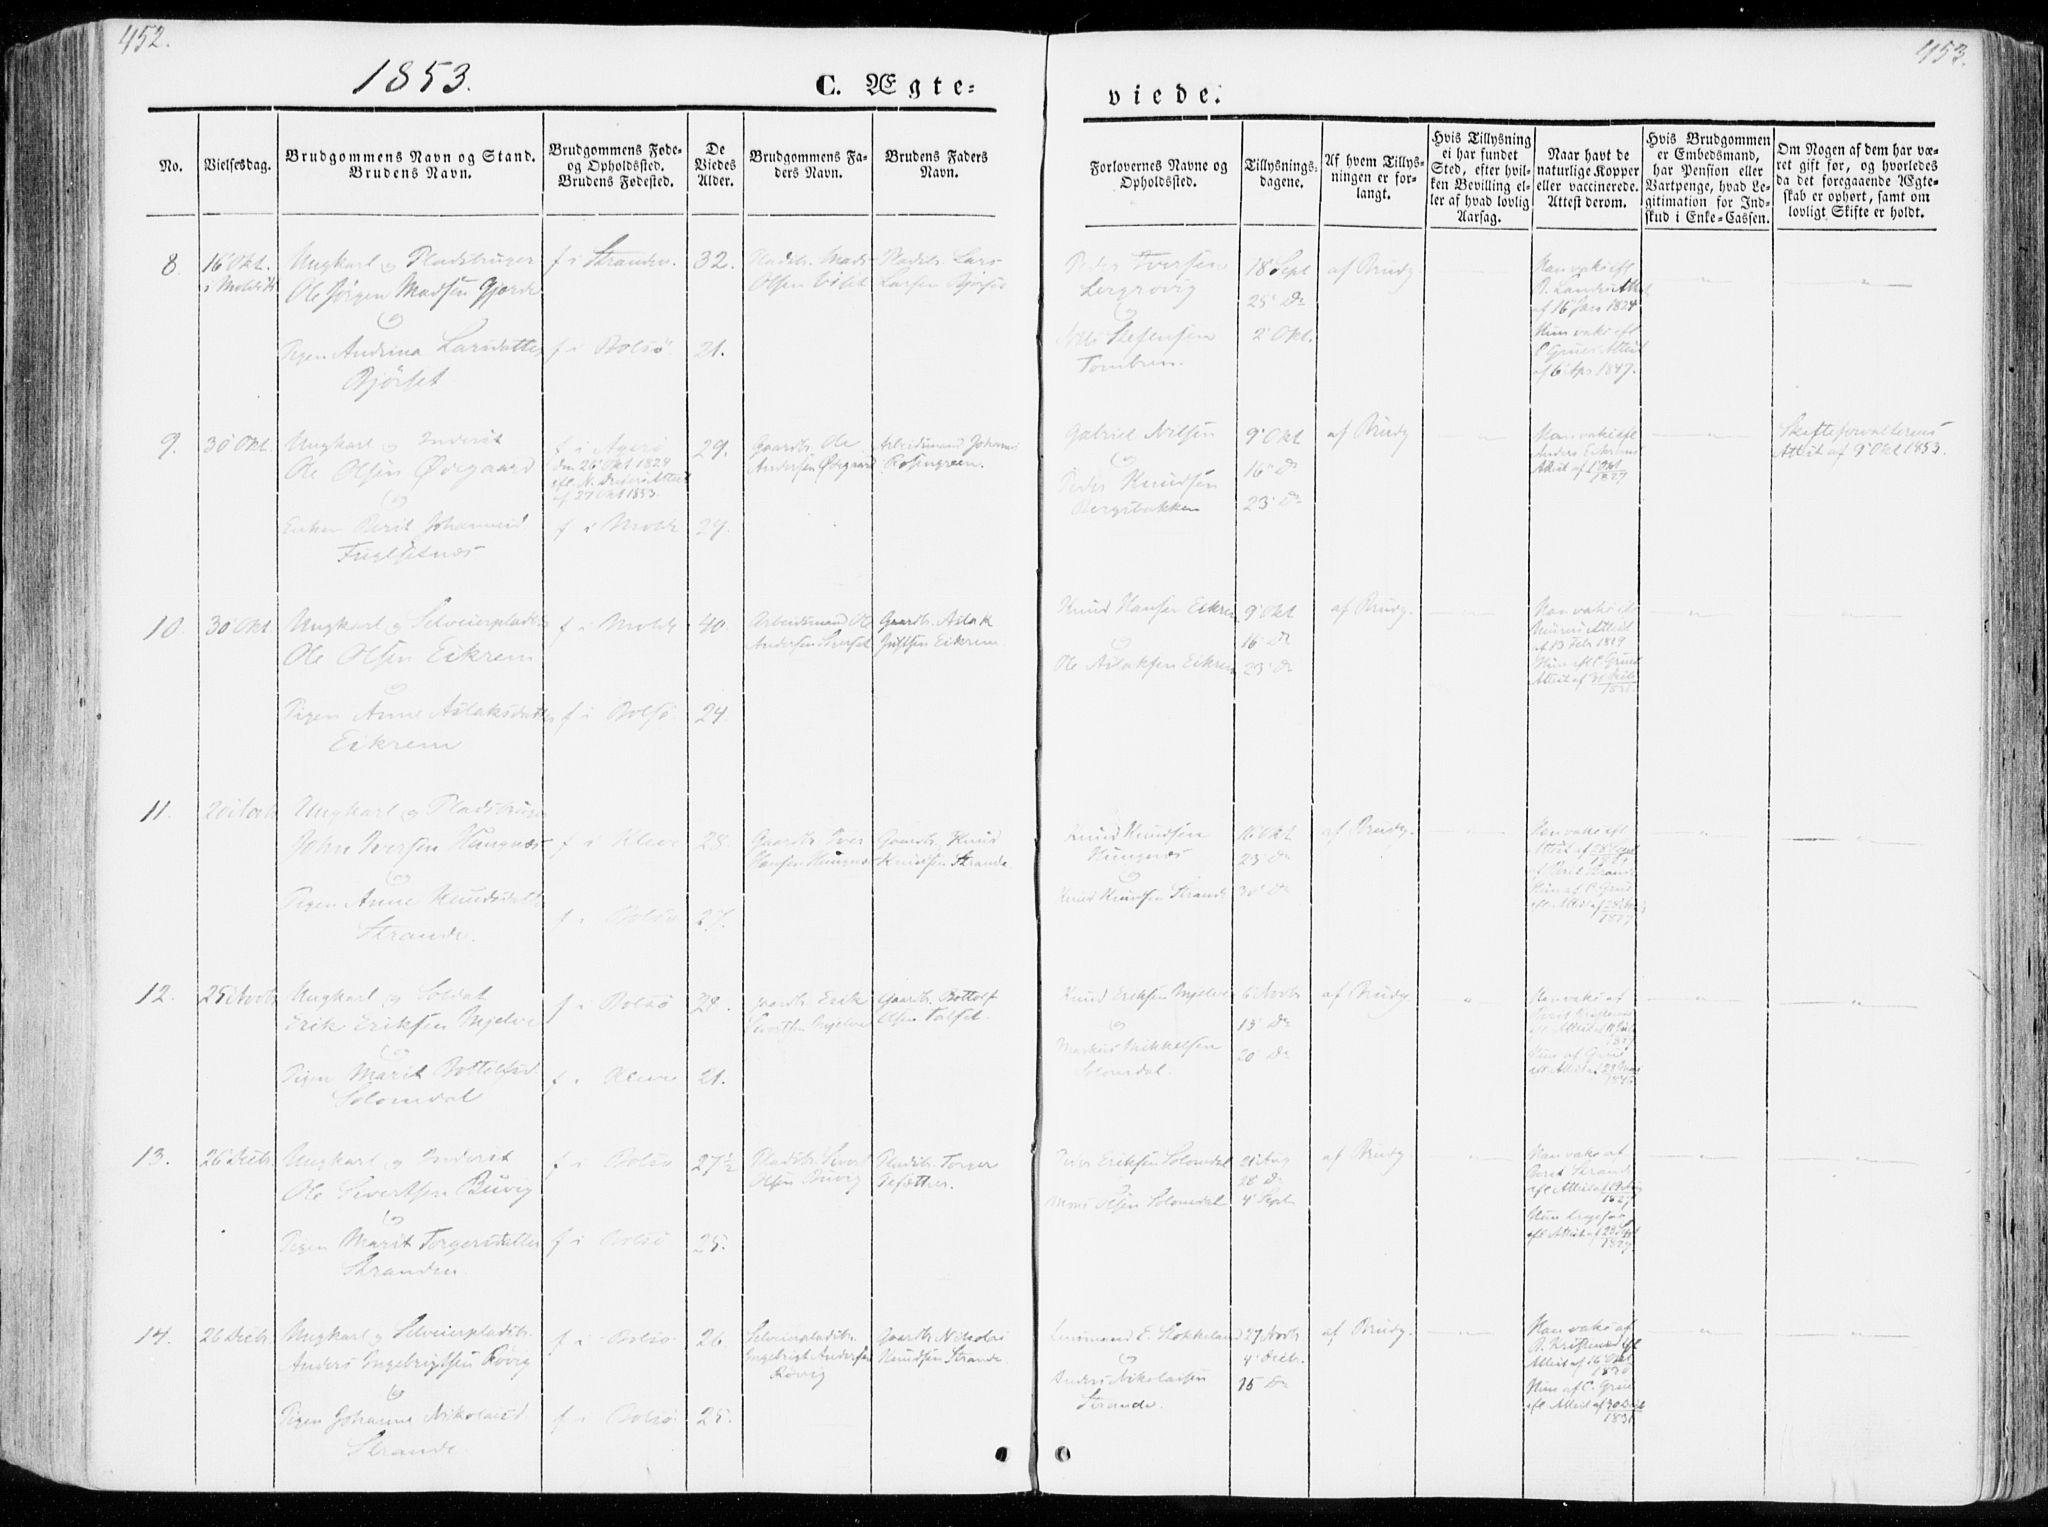 SAT, Ministerialprotokoller, klokkerbøker og fødselsregistre - Møre og Romsdal, 555/L0653: Ministerialbok nr. 555A04, 1843-1869, s. 452-453